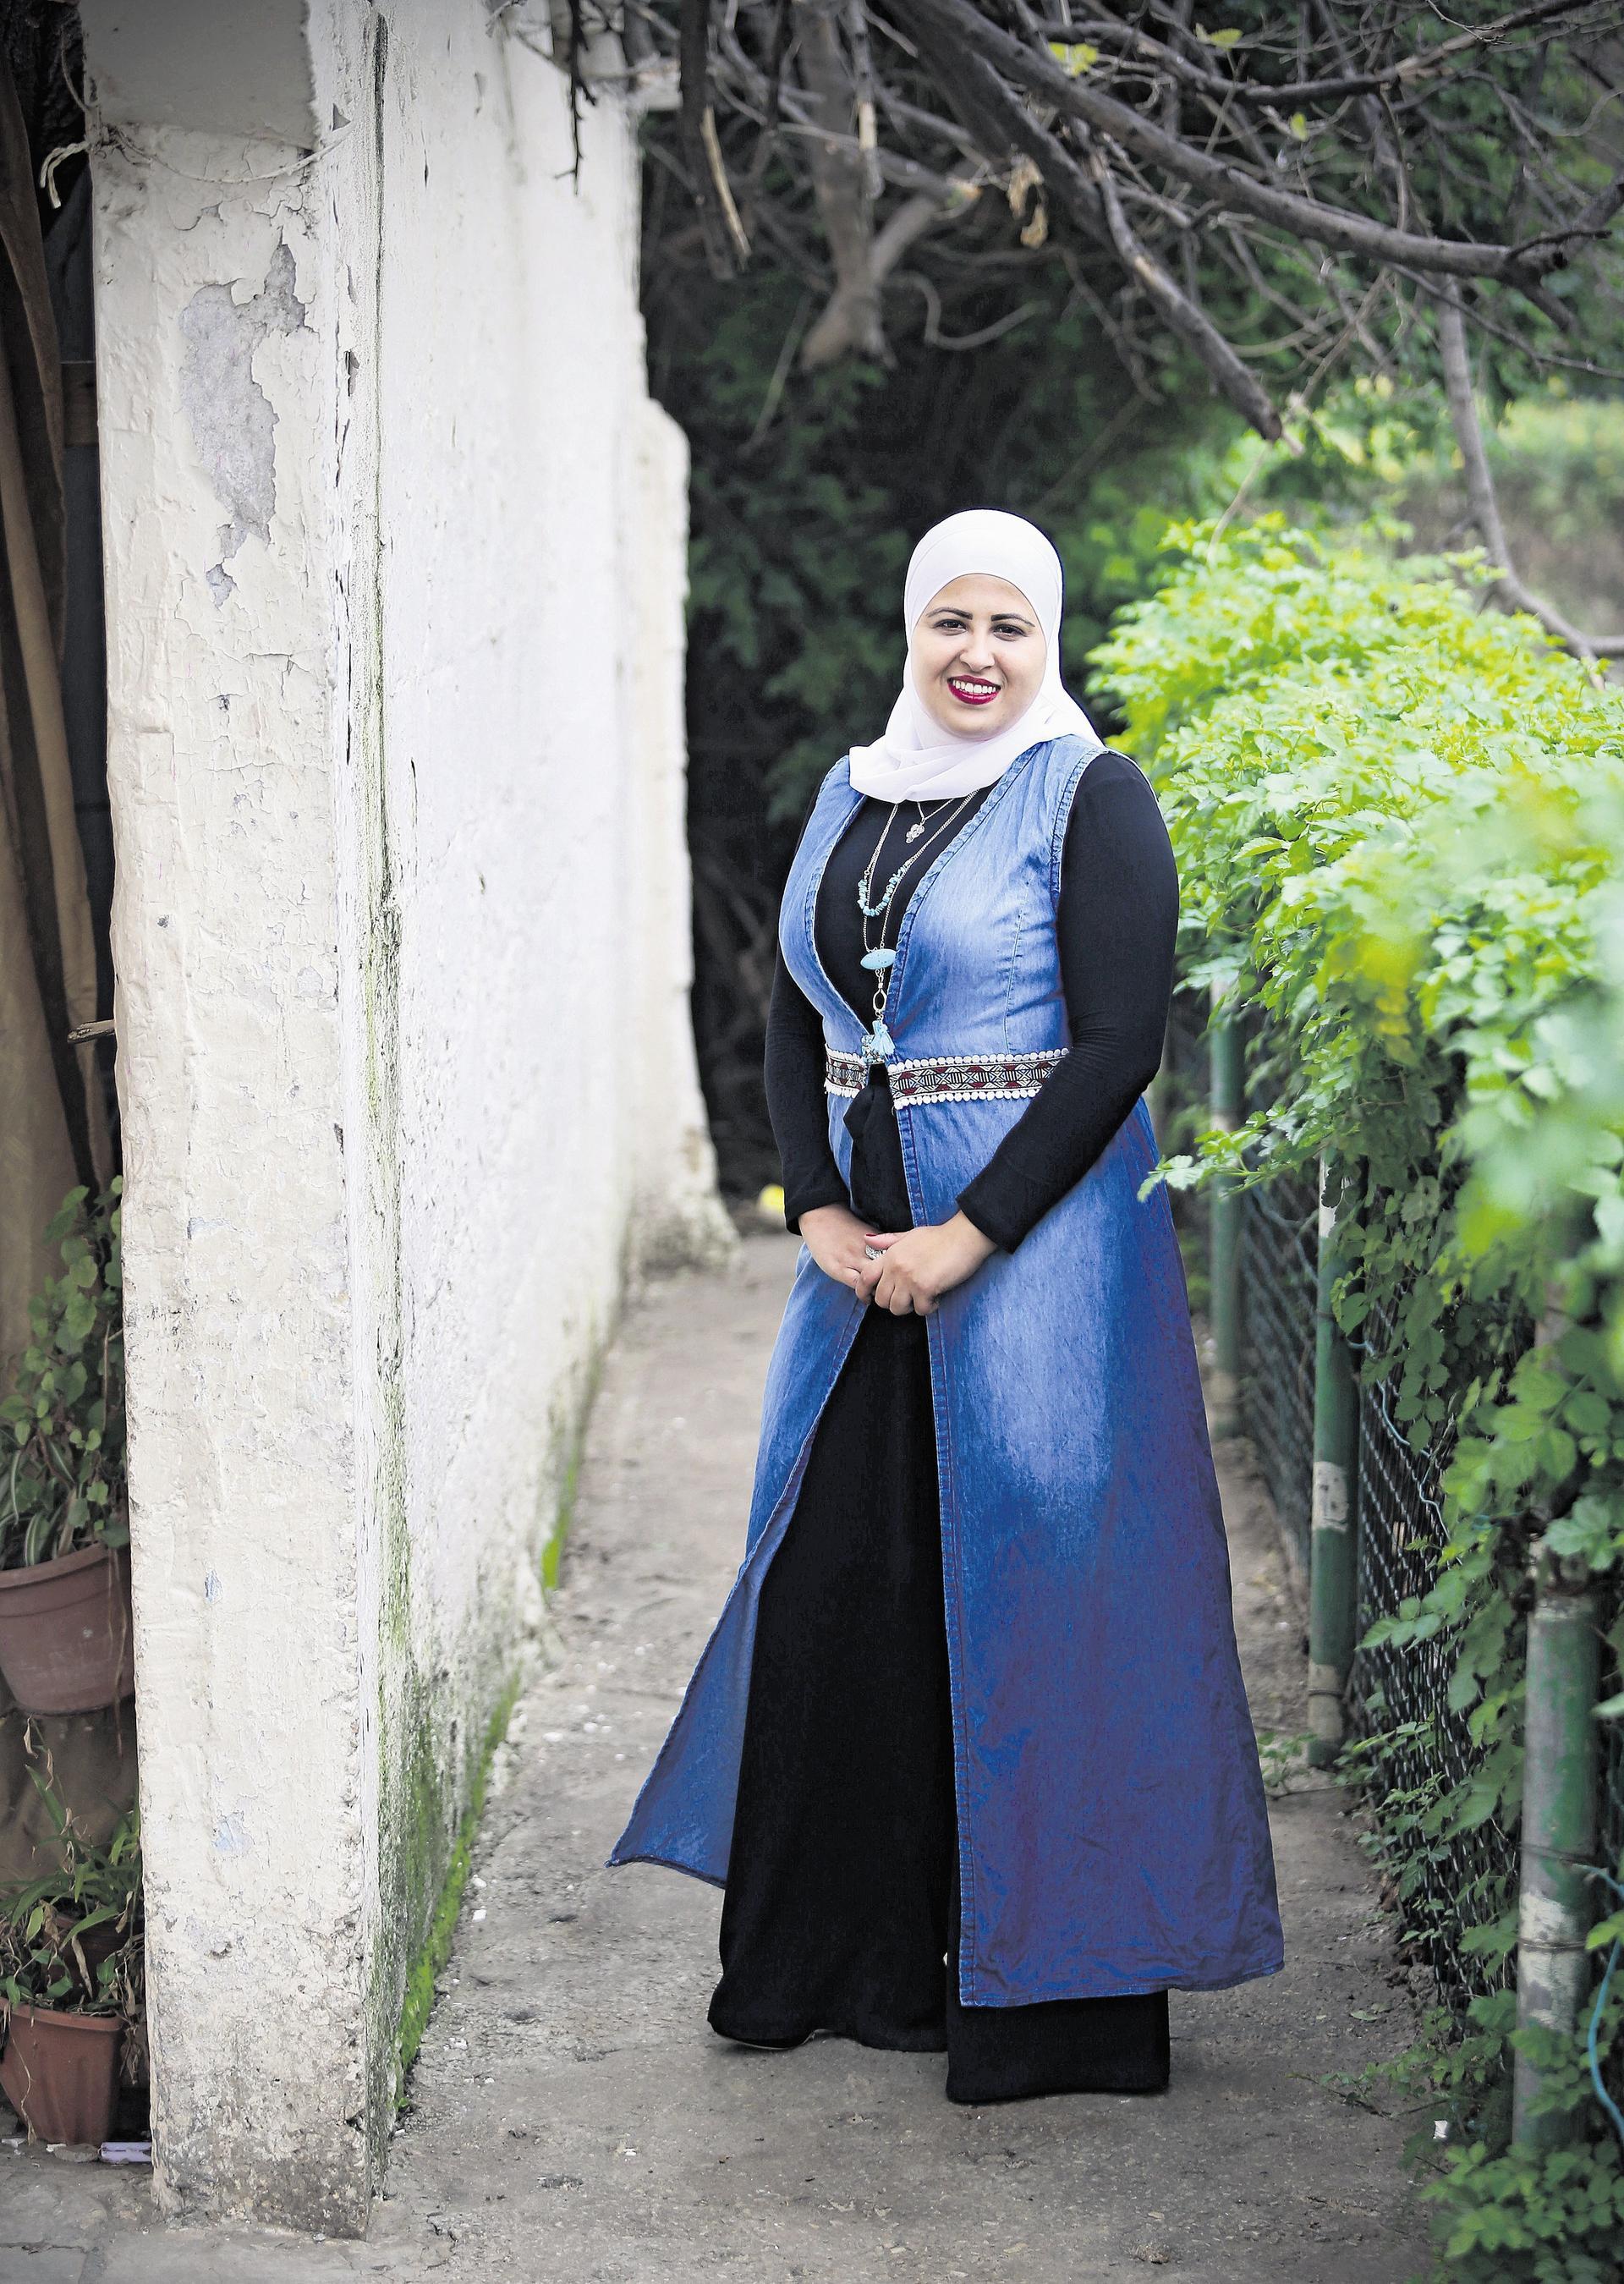 מנאר אבו דחאל. צילום: אבי מועלם